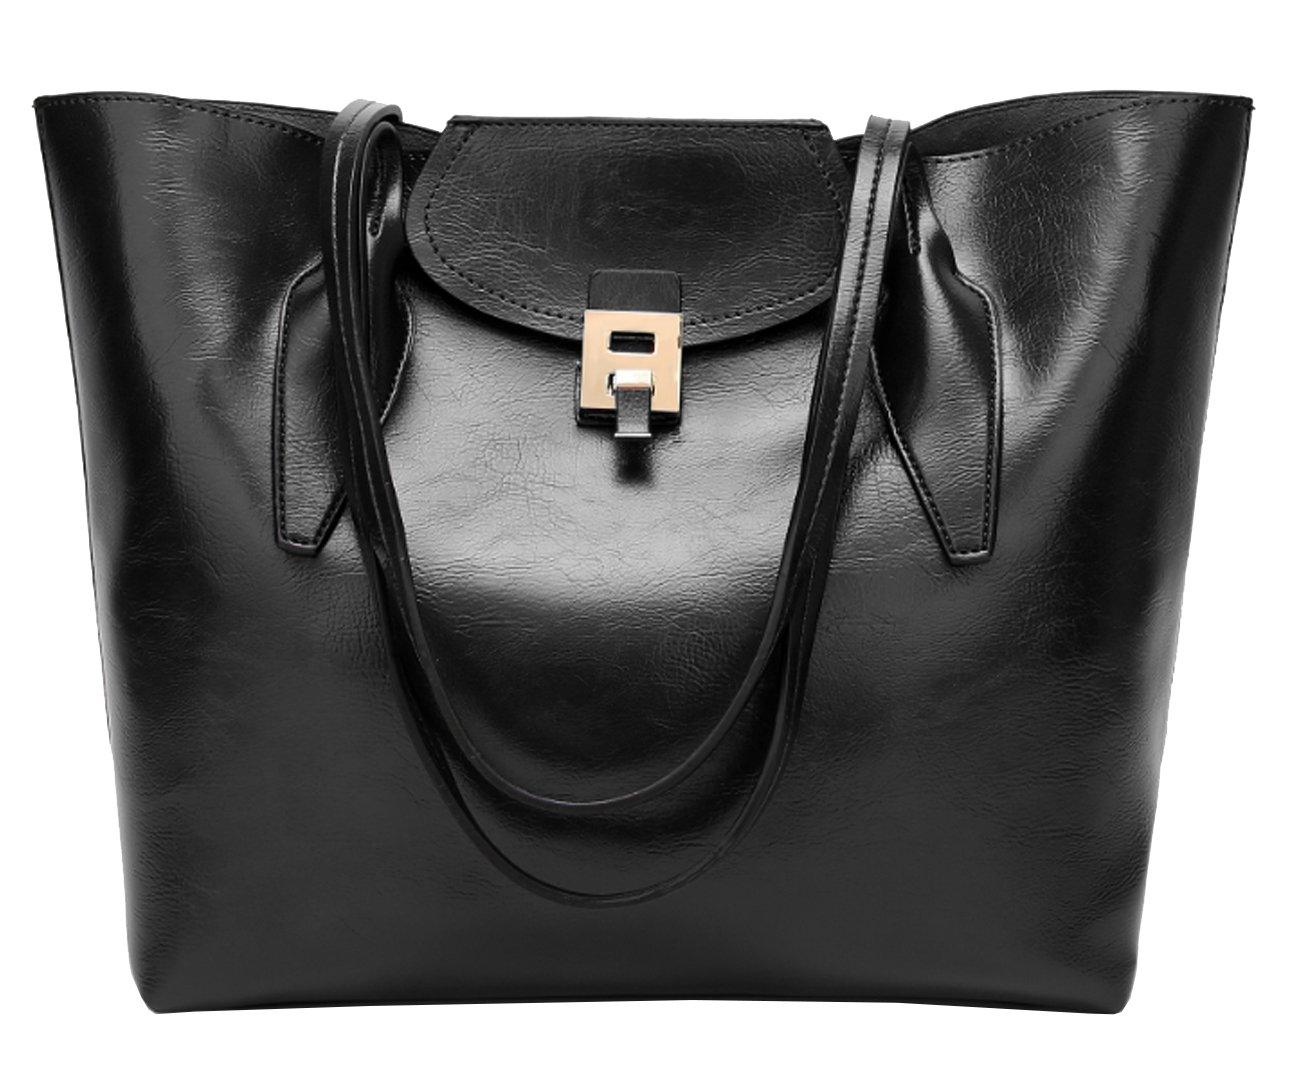 Women's Vintage Genuine Leather Bag Tote Shoulder Bag Handbag Model Satis (Black)